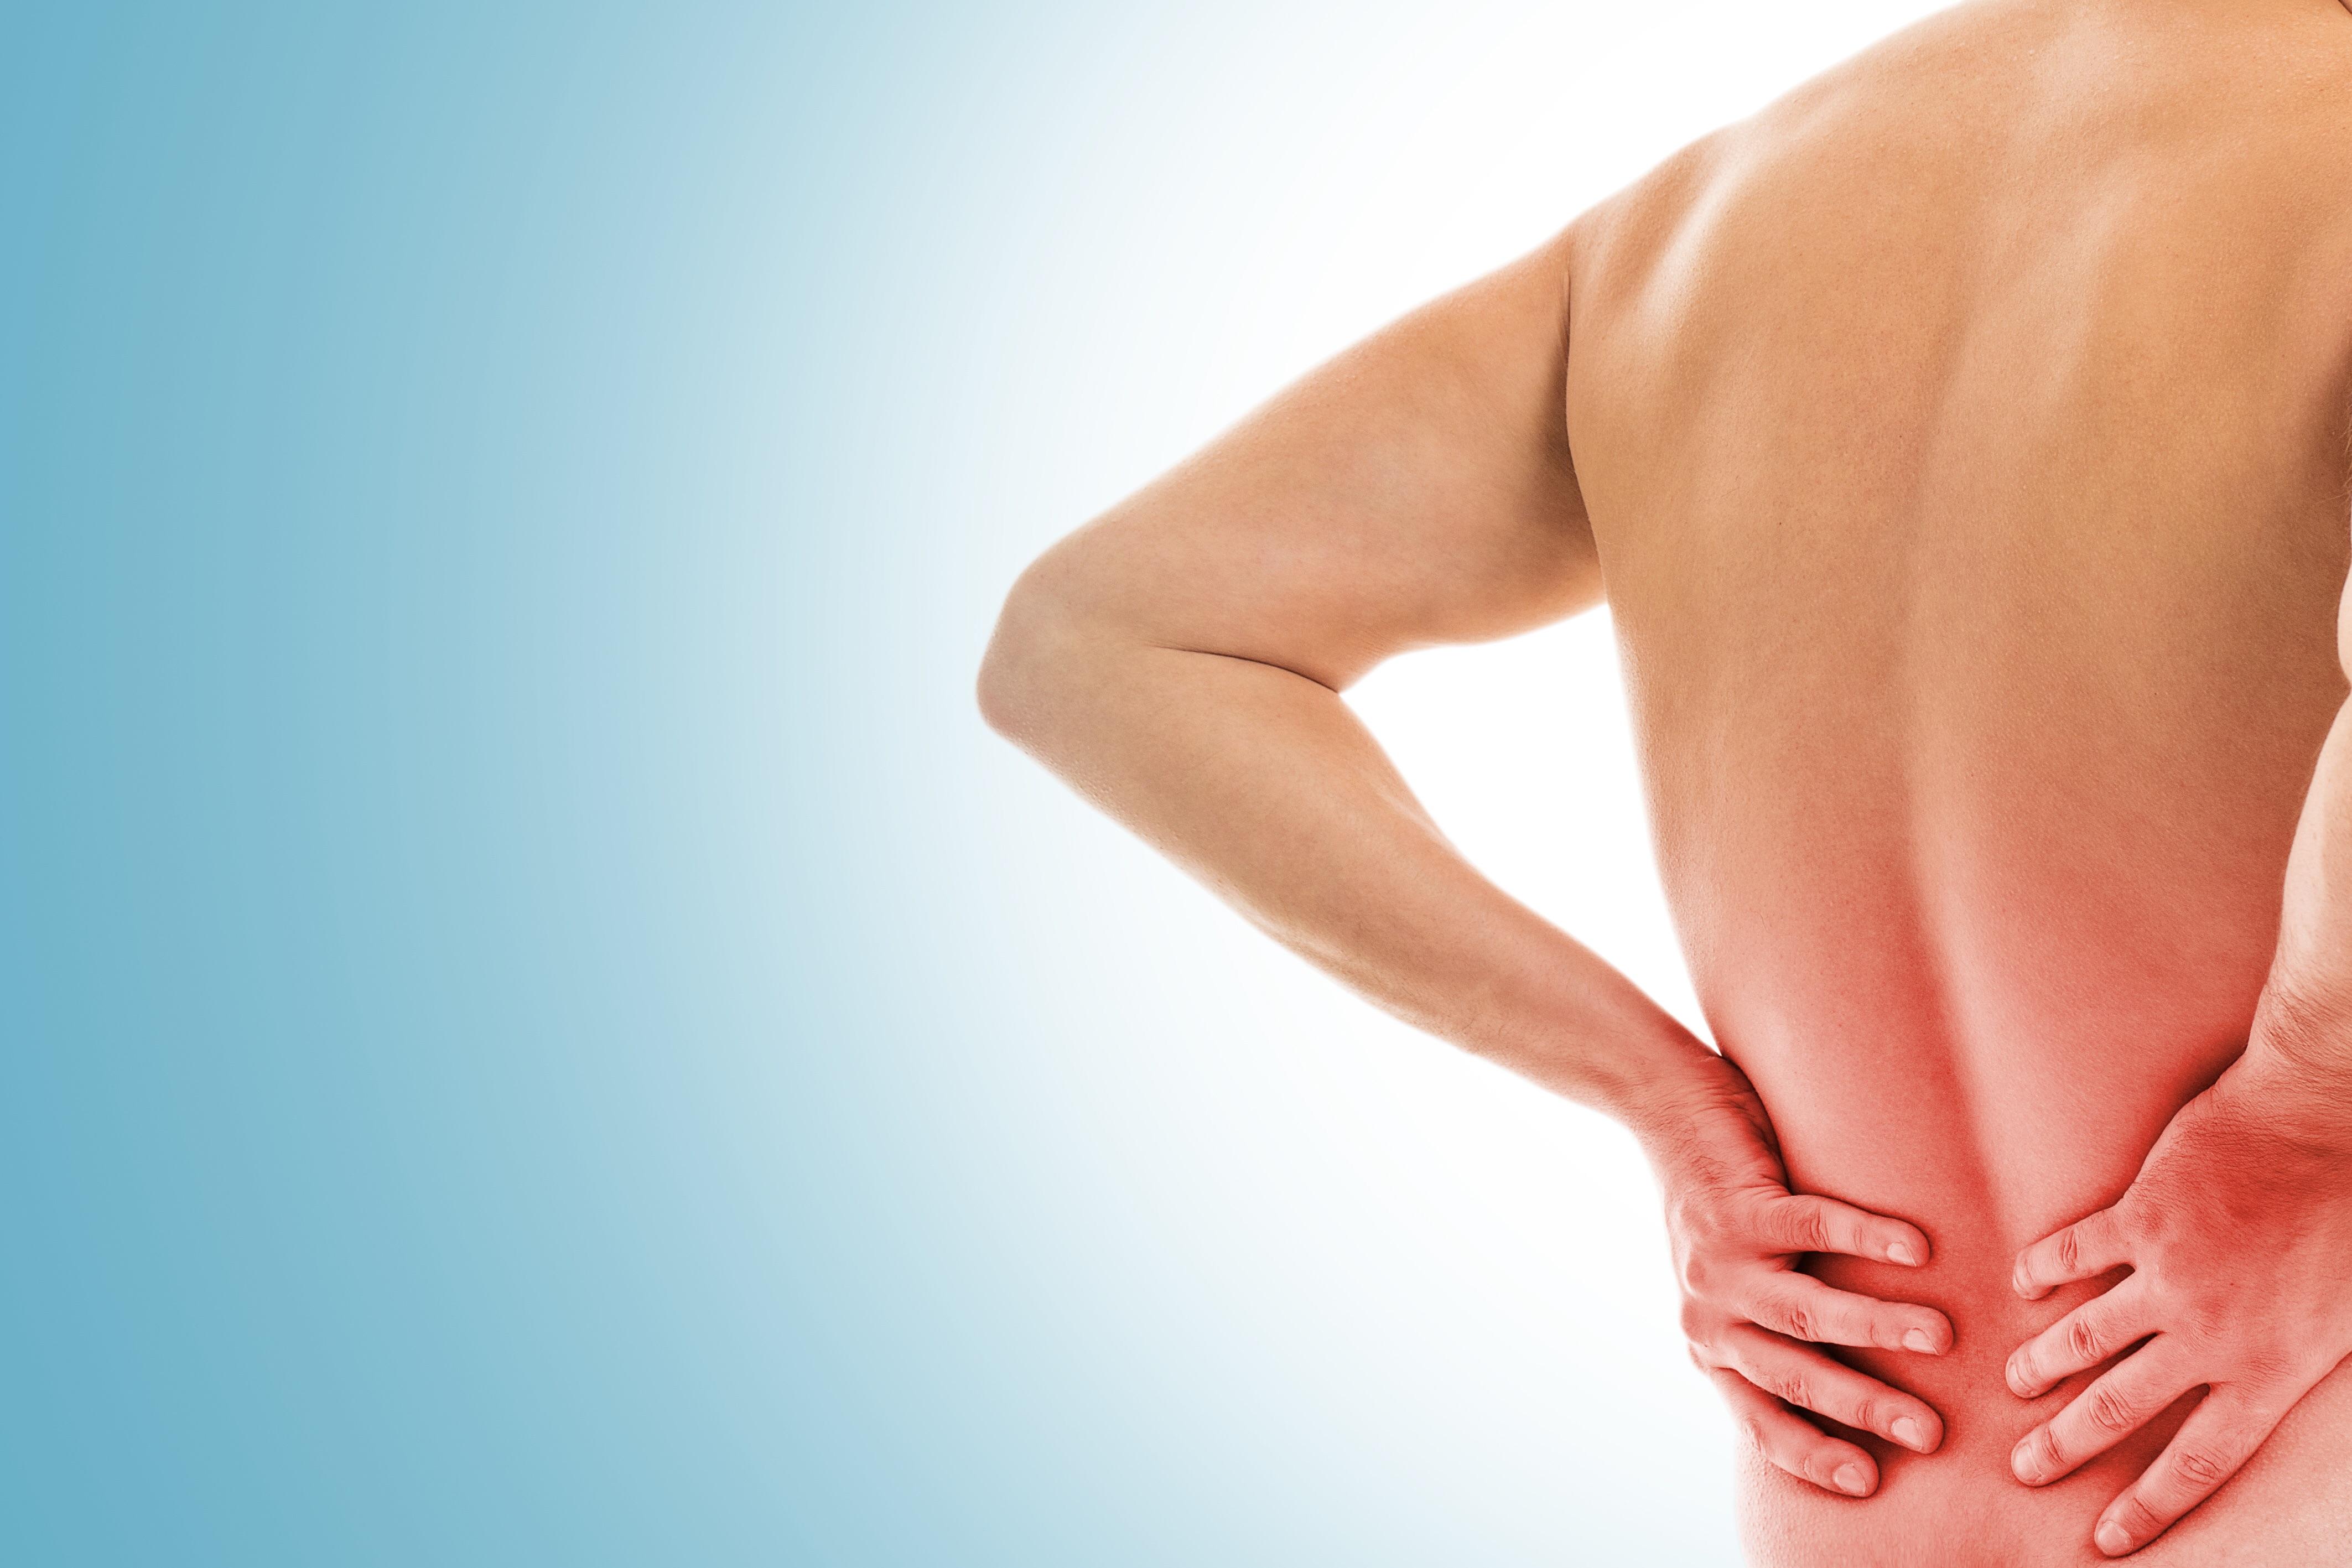 Trattamento di osteochondrosis poyasnichno reparto sacrale di medicina